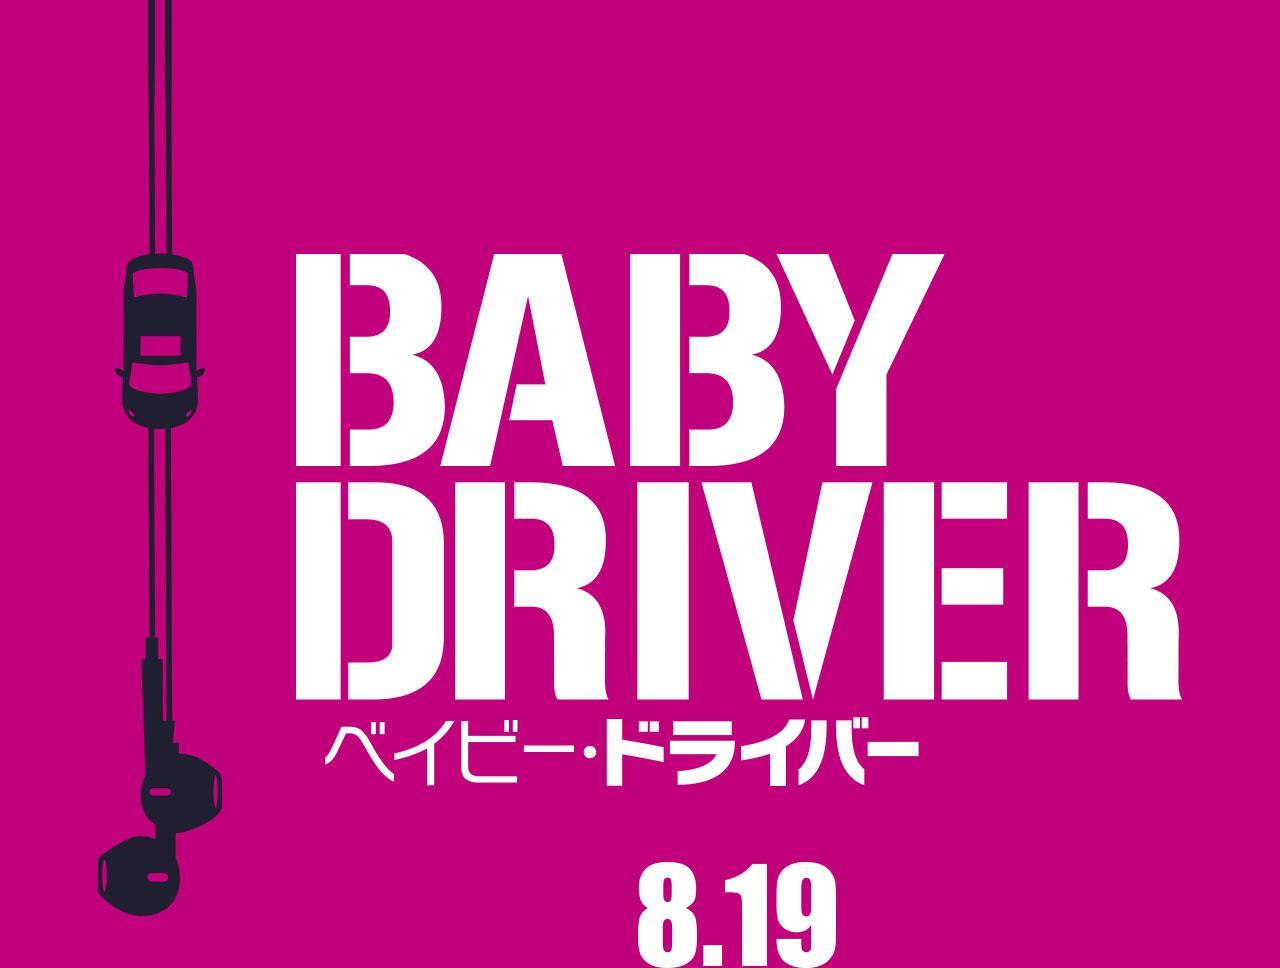 画像: 映画『ベイビー・ドライバー』 オフシャルサイト ソニー・ピクチャーズ